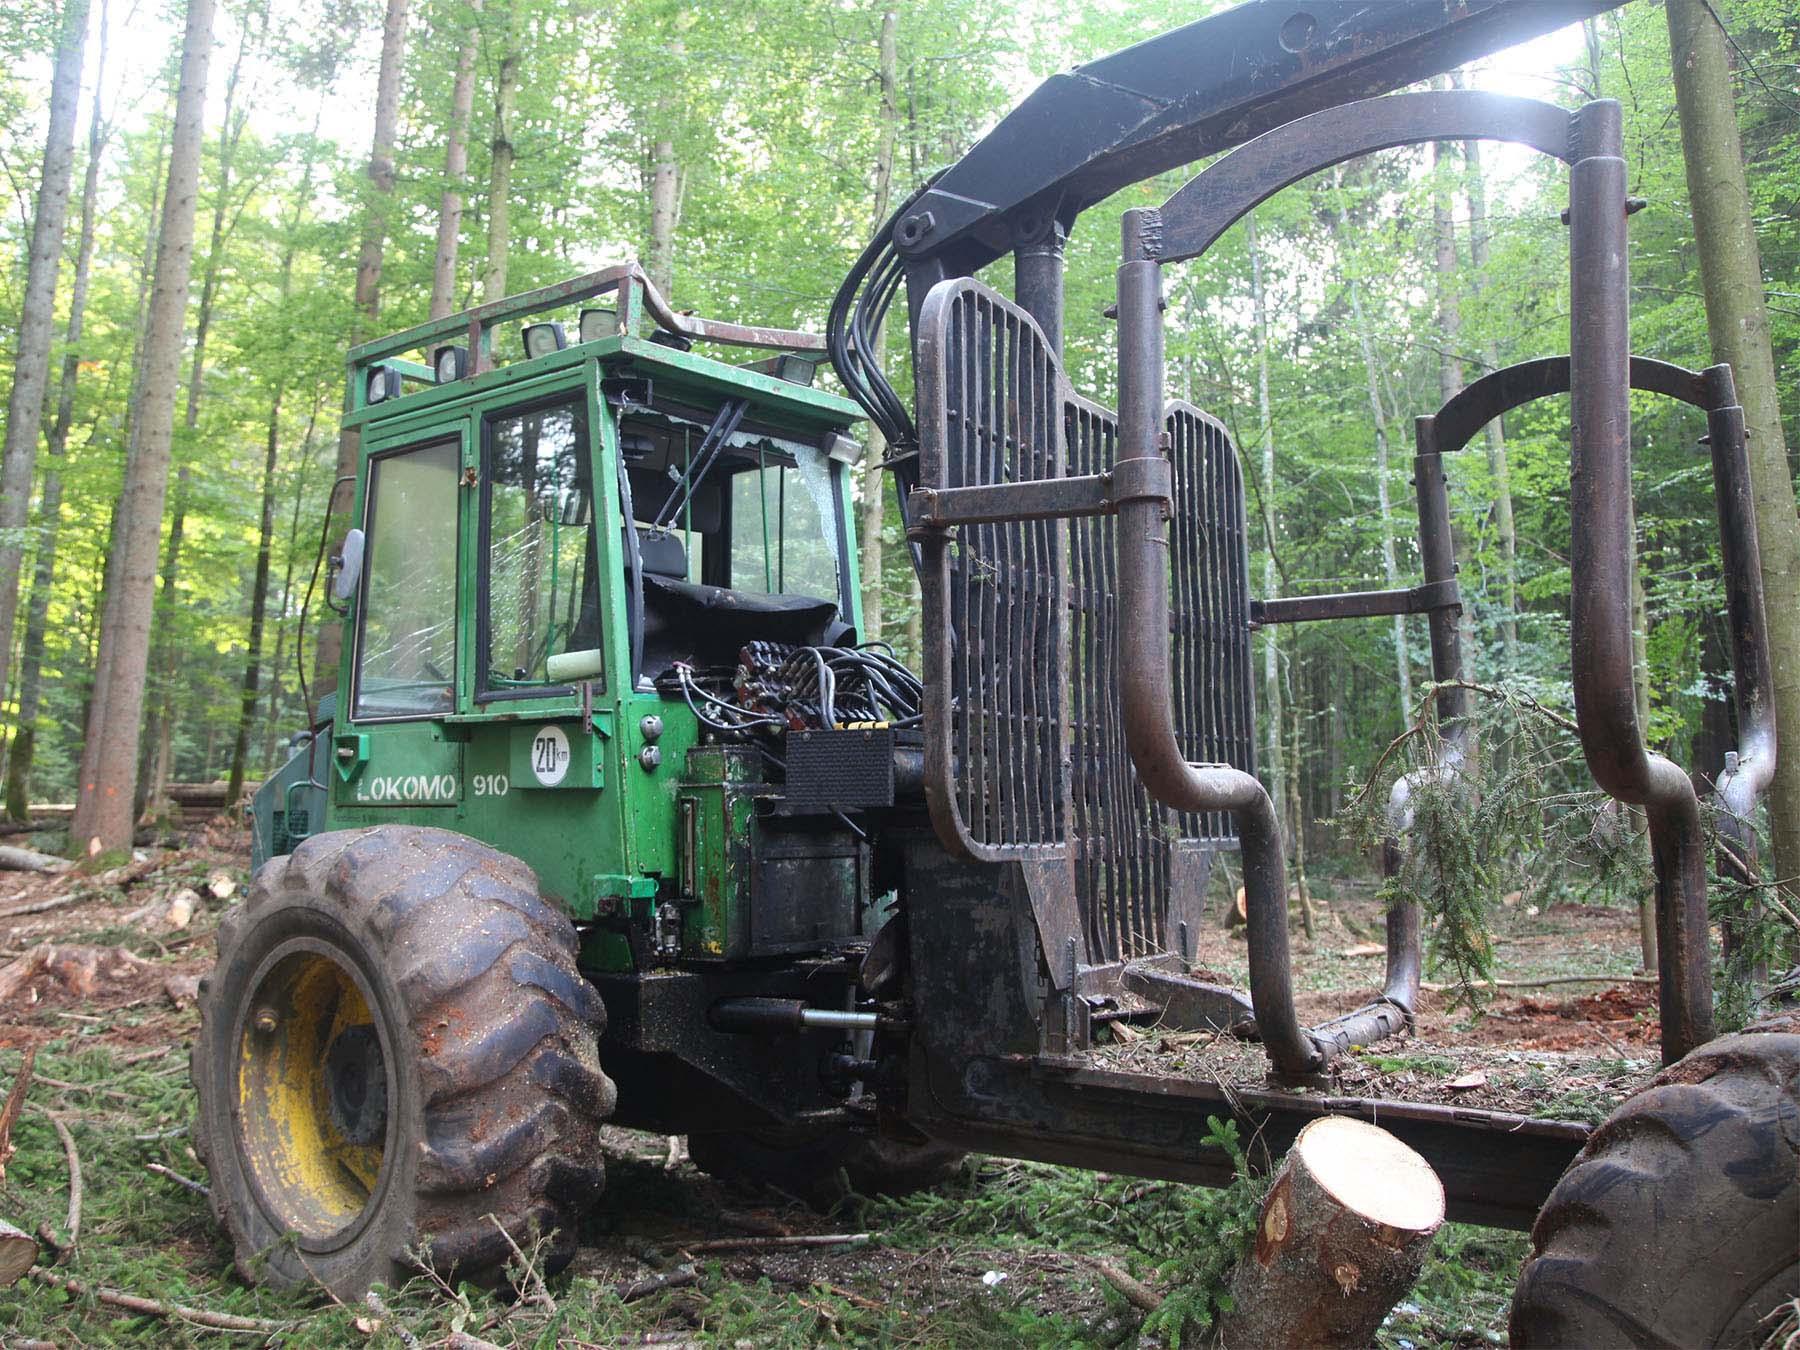 Die massive Forstkabine verhinderte schlimmere Verletzungen des Fahrers.